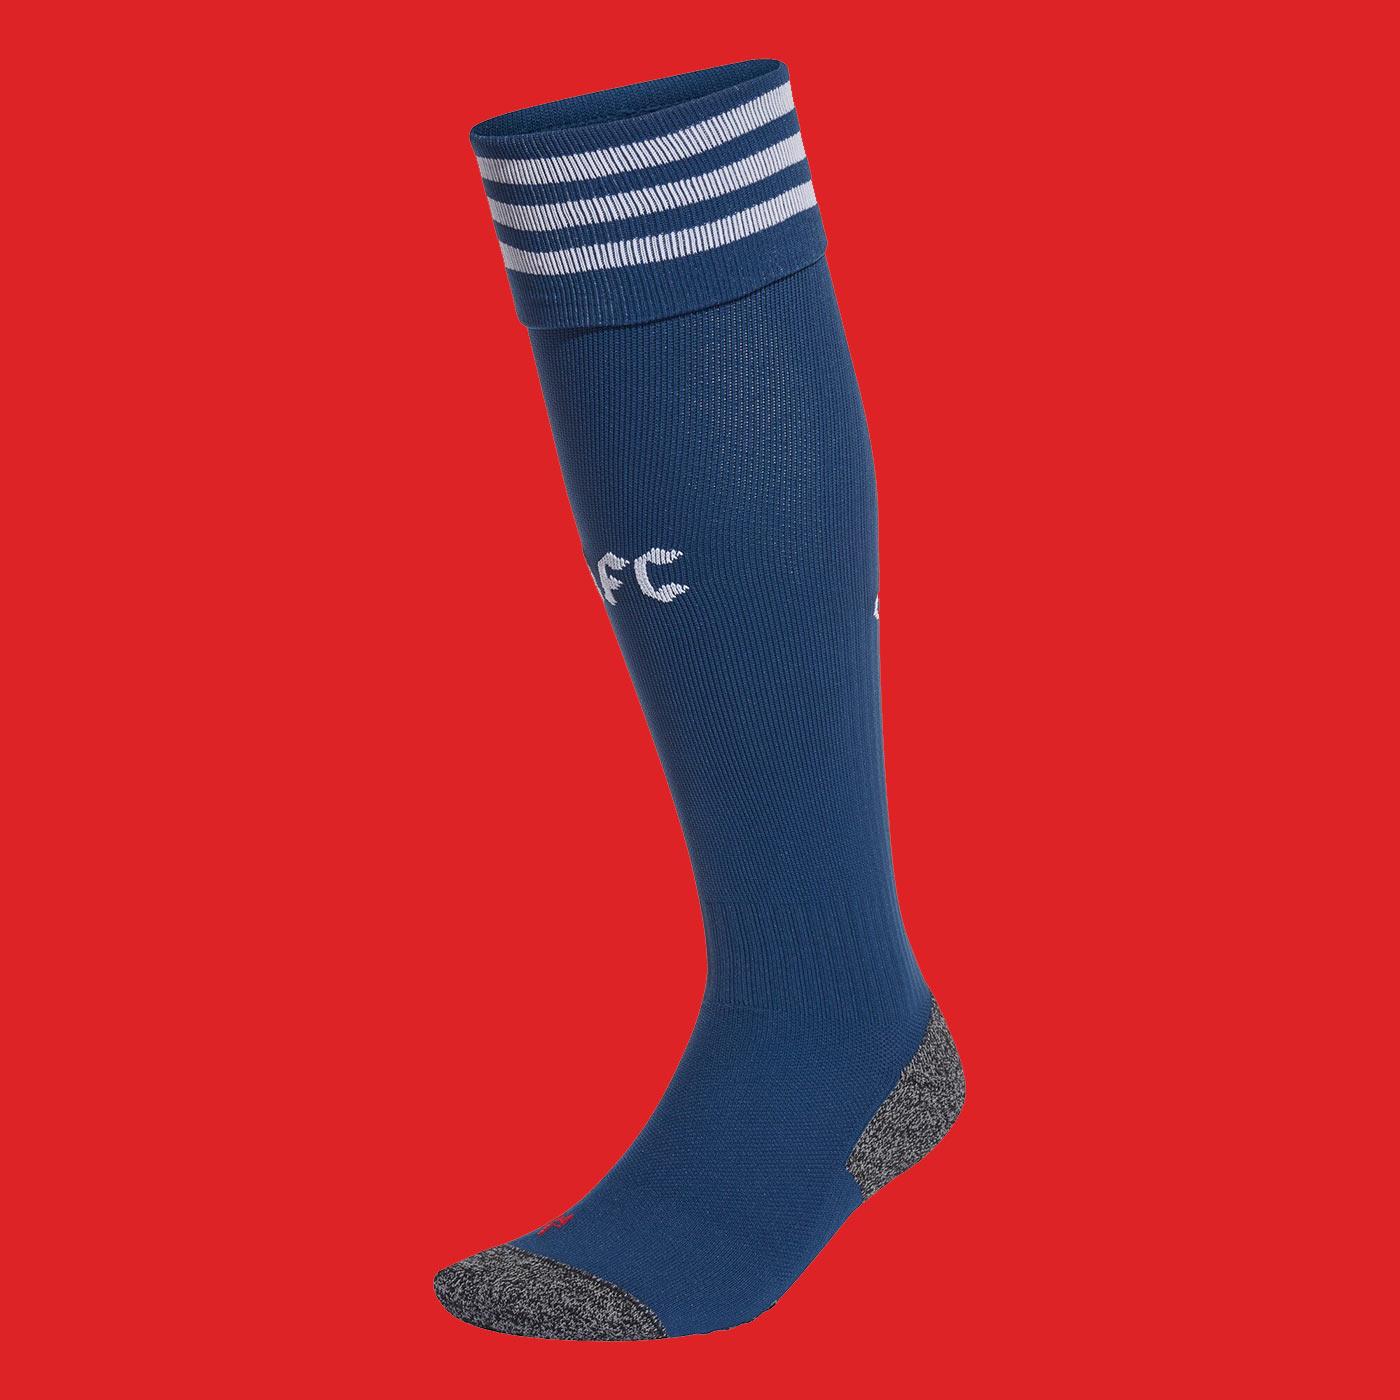 Calzettoni Arsenal blu 2021-22